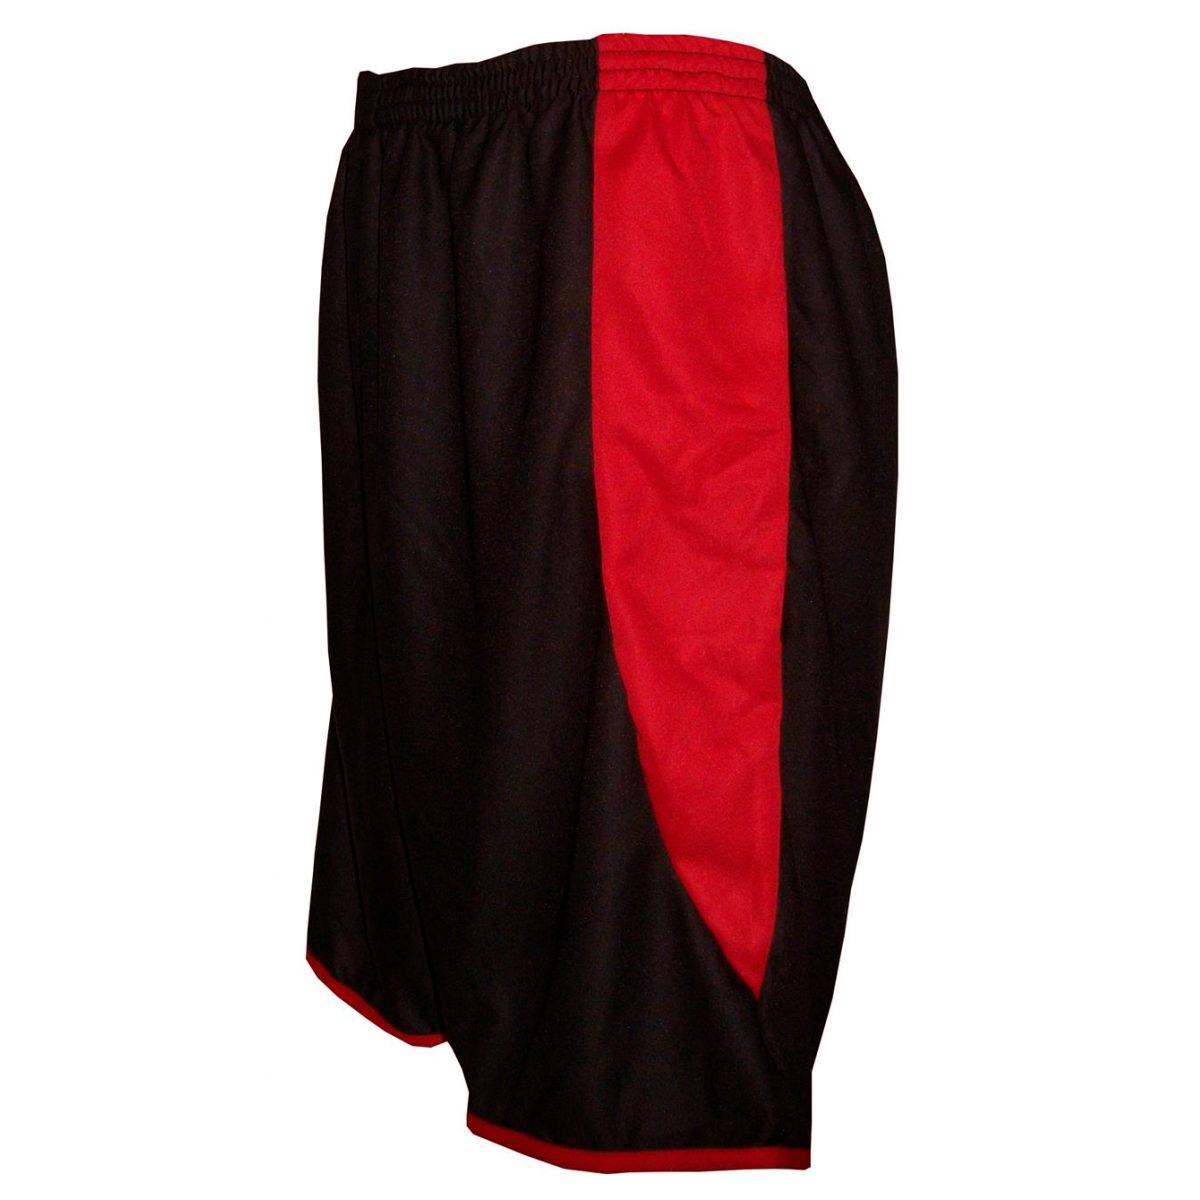 Uniforme Esportivo Completo modelo Sporting 14+1 (14 camisas Preto/Branco/Vermelho + 14 calções modelo Copa Preto/Vermelho + 14 pares de meiões Vermelhos + 1 conjunto de goleiro) + Brindes